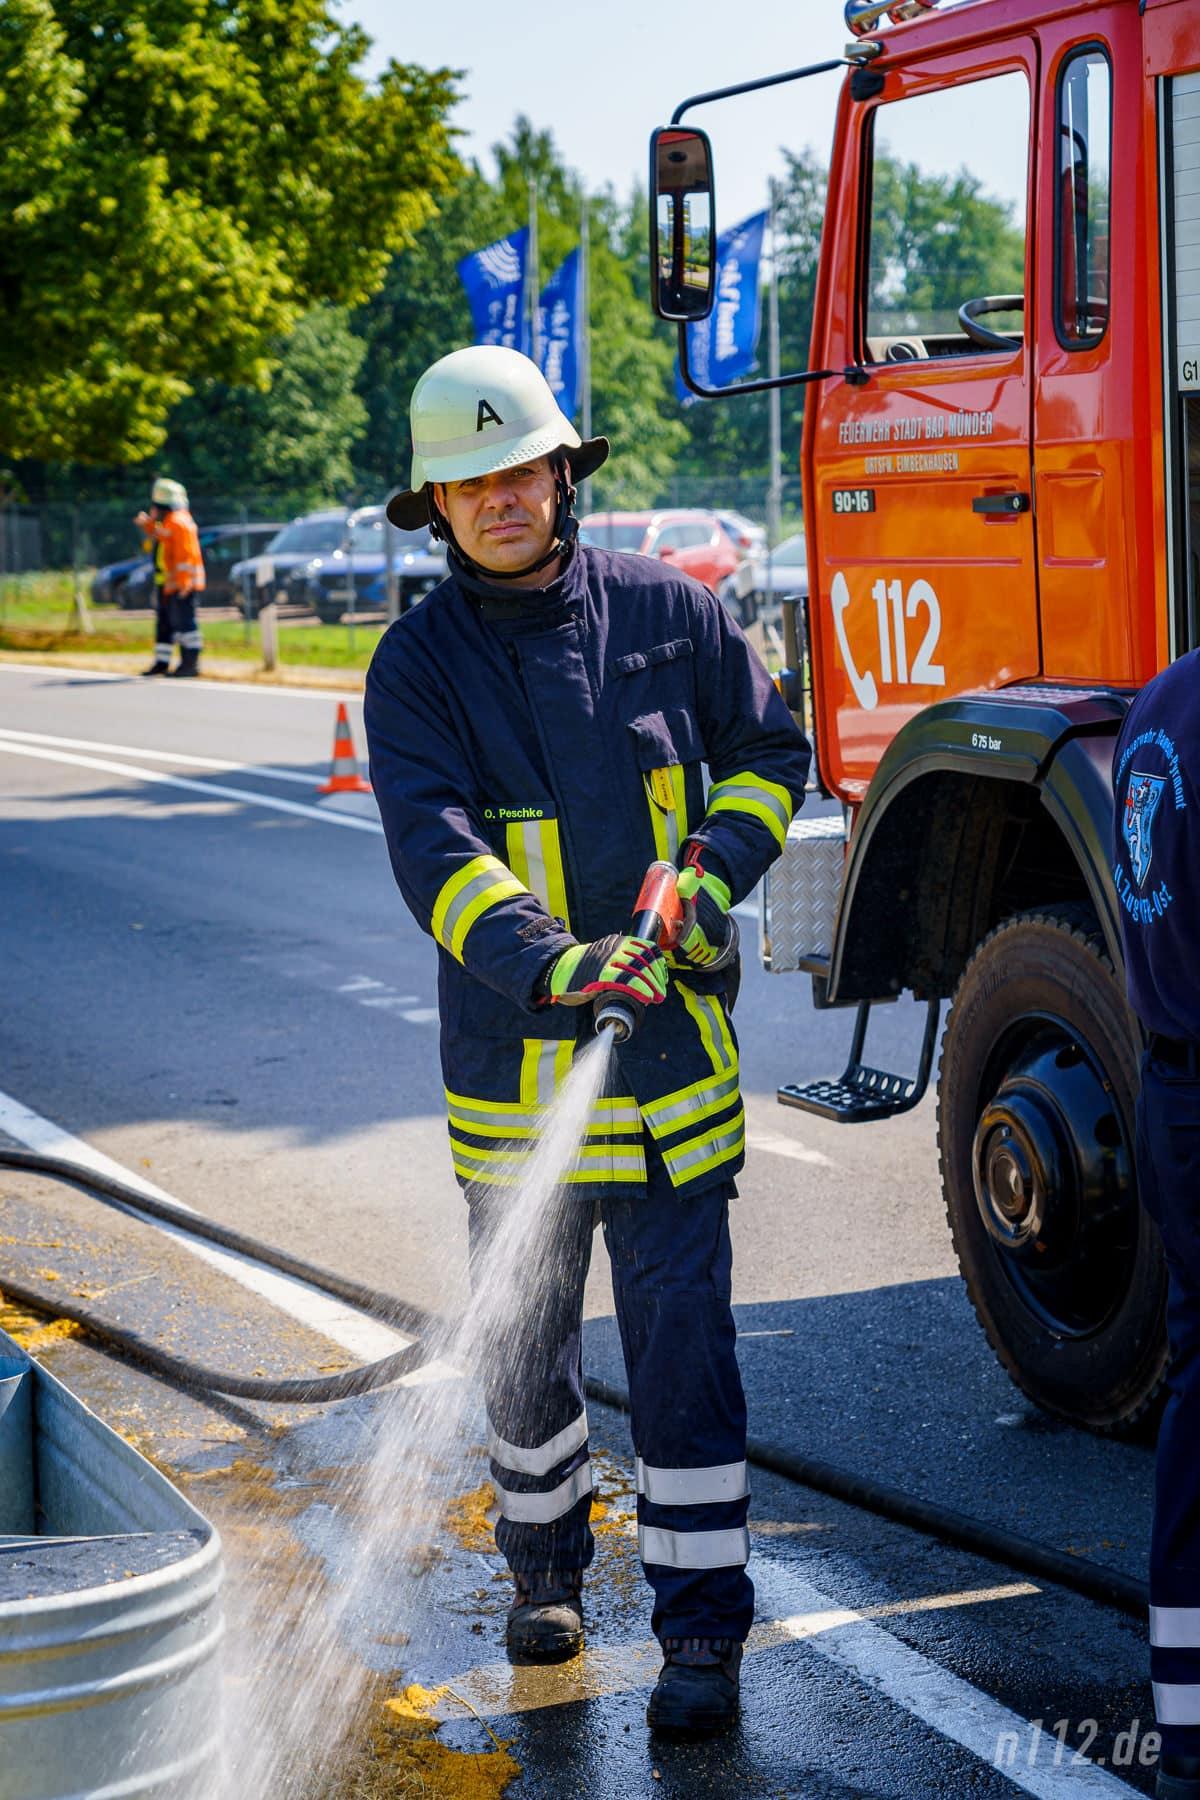 Trotz tropischer Hitze: In Schutzkleidung löscht ein Ehrenamtlicher den Grünstreifen an der B442 (Foto: n112.de/Stefan Simonsen)